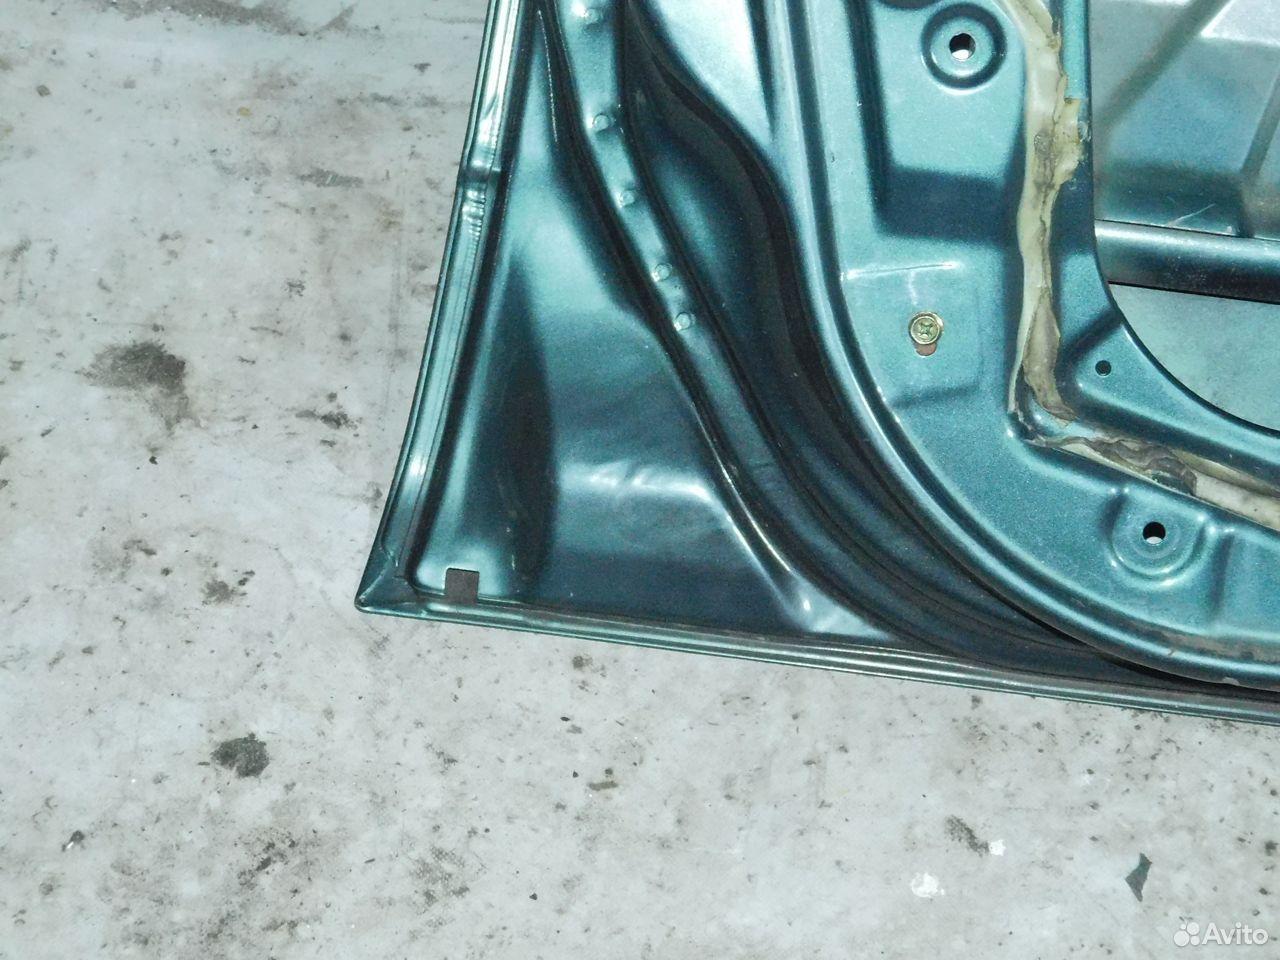 Дверь передняя левая нссан примьера п11 рест  89532977040 купить 4